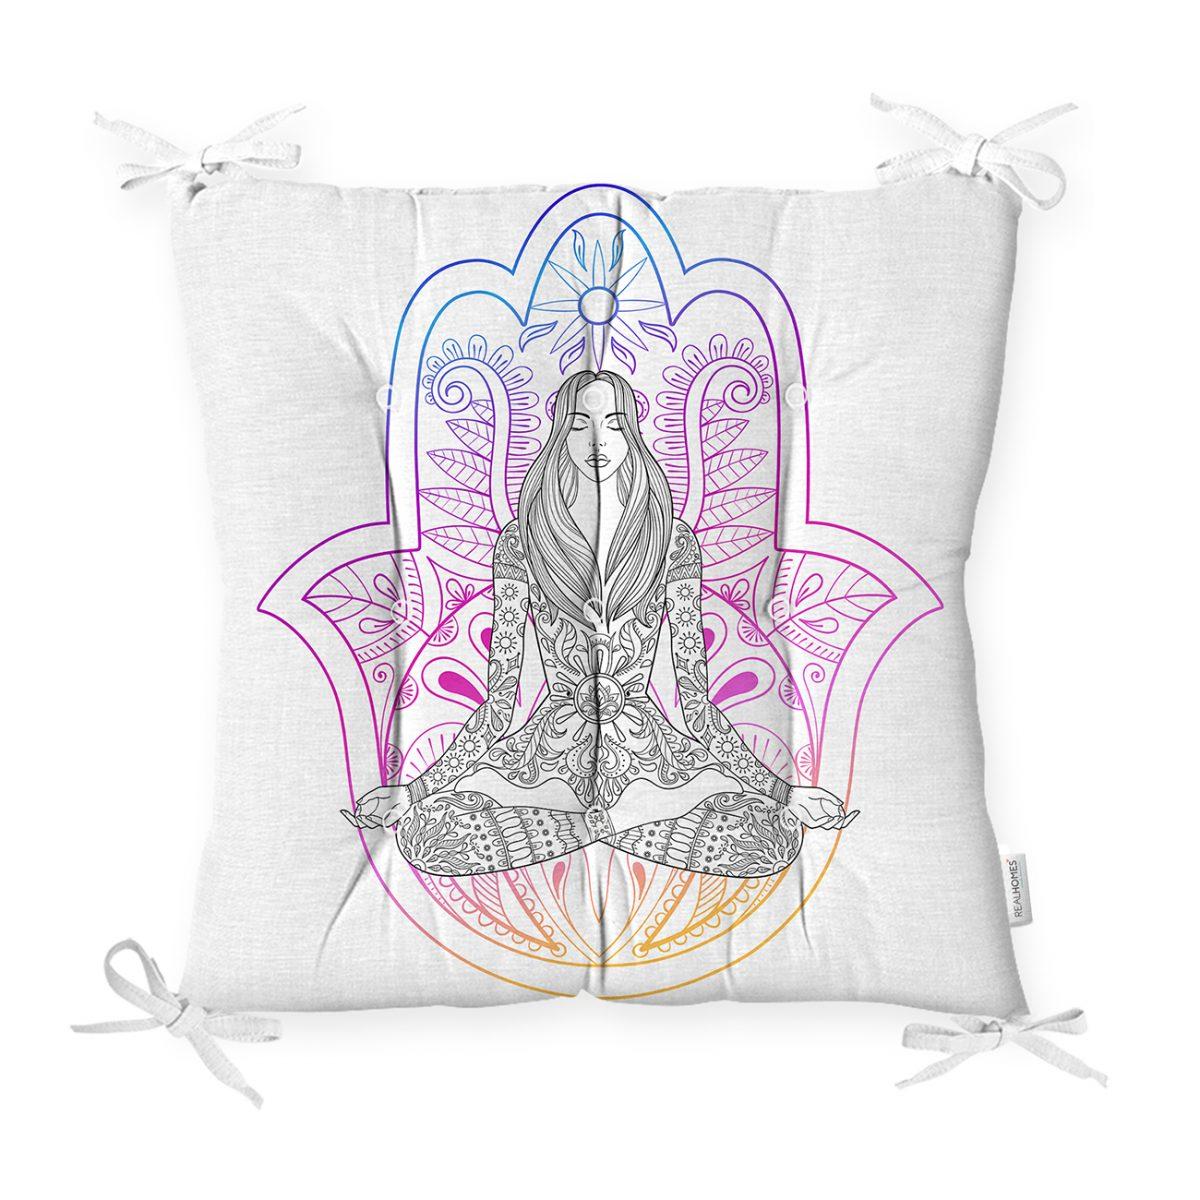 Fatma Ana Eli İçerisinde Yoga Yapan Kadın Desenli Pofidik Sandalye Minderi Realhomes